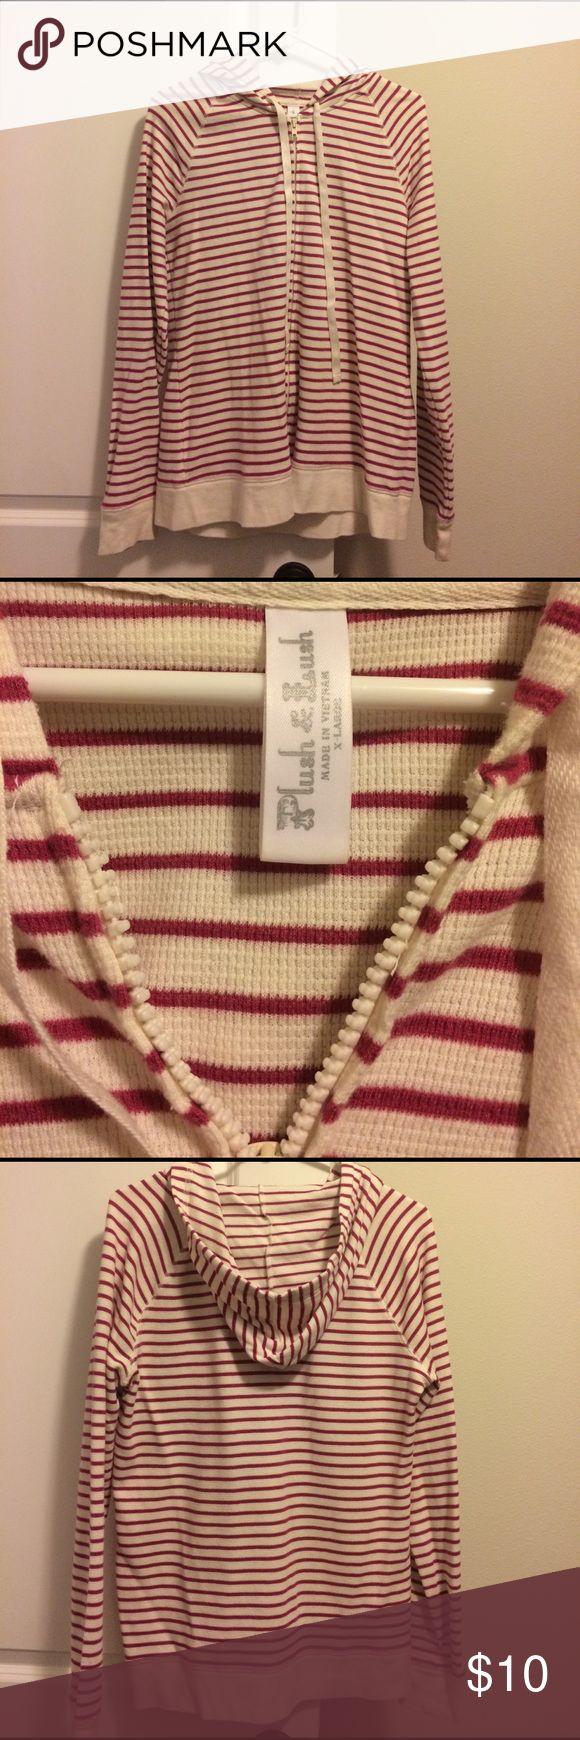 Zip-up Hoodie Fuchsia and cream zip-up hoodie Plush & Lush Sweaters